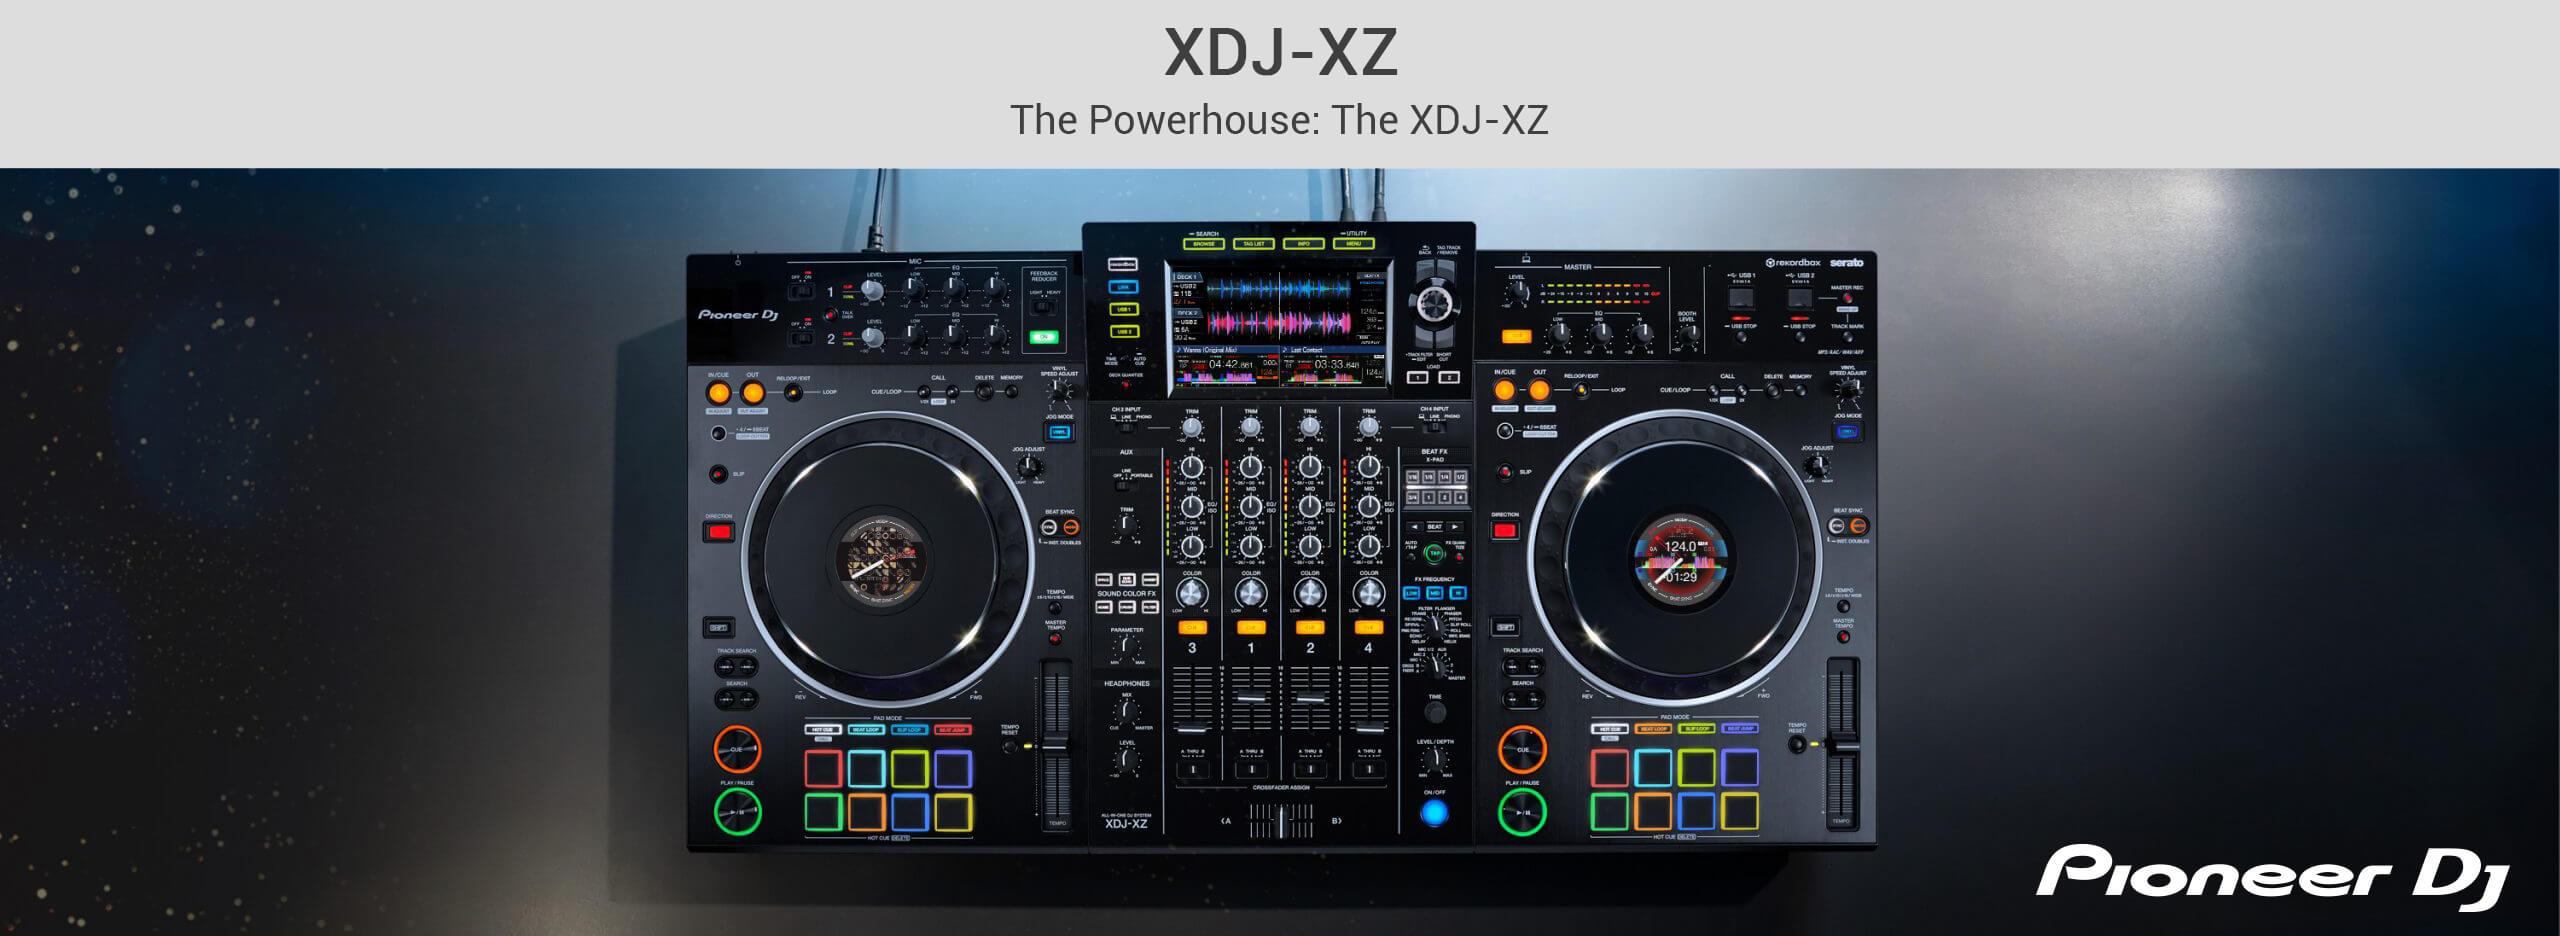 XDJ-XZ